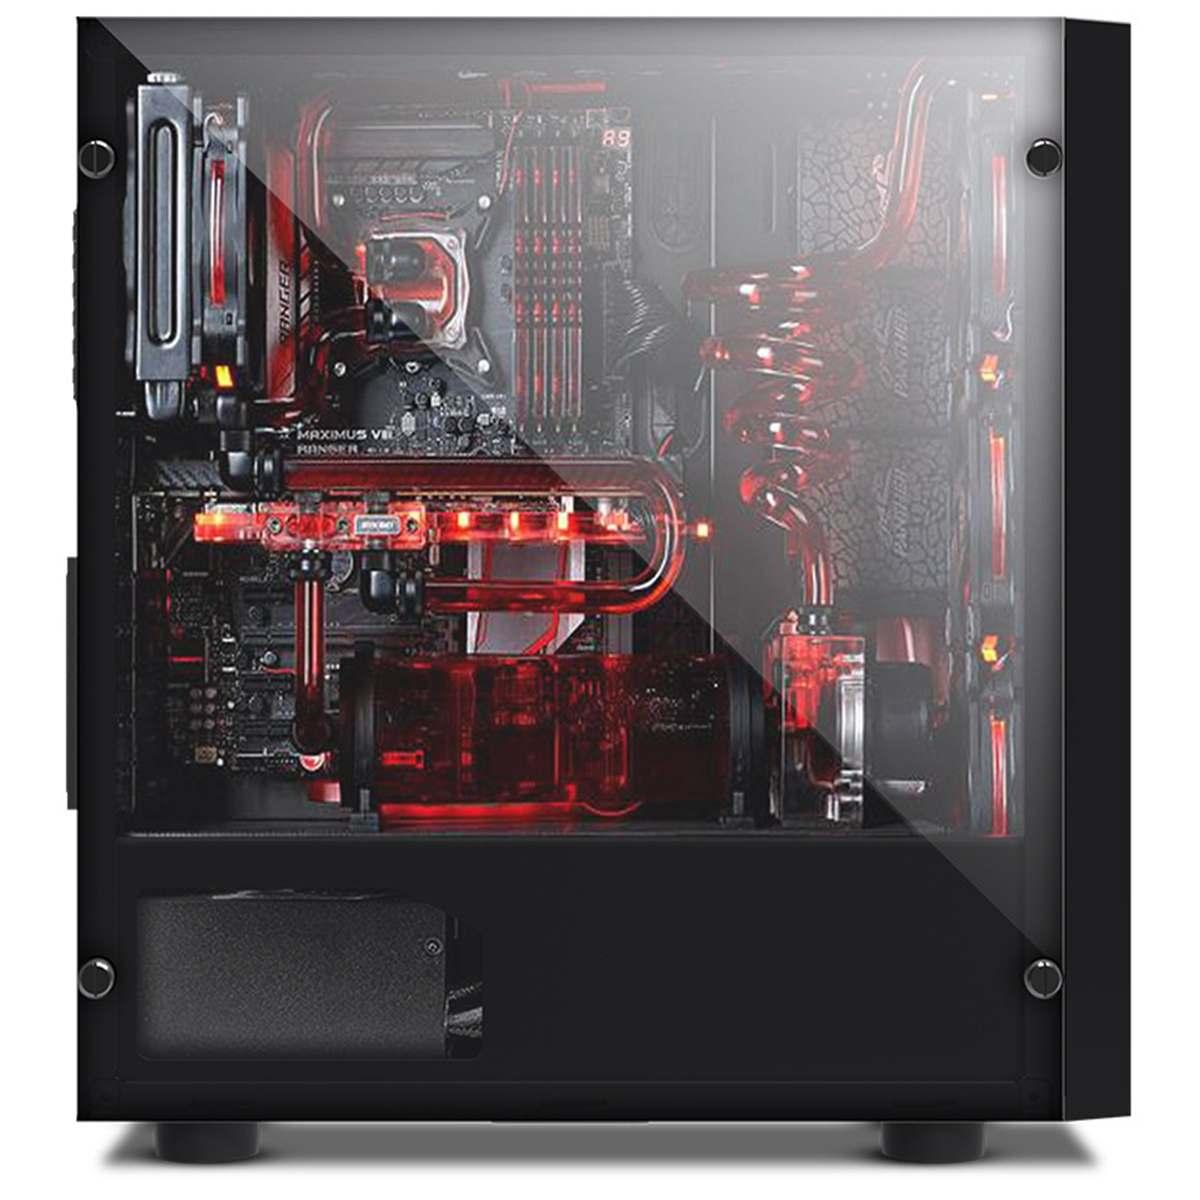 LEORY V3 ATX ordinateur de jeu PC boîtier 8 Ports de ventilateur USB 3.0 pour M-ATX/Mini ITX carte mère noir/blanc 370x185x380mm - 6